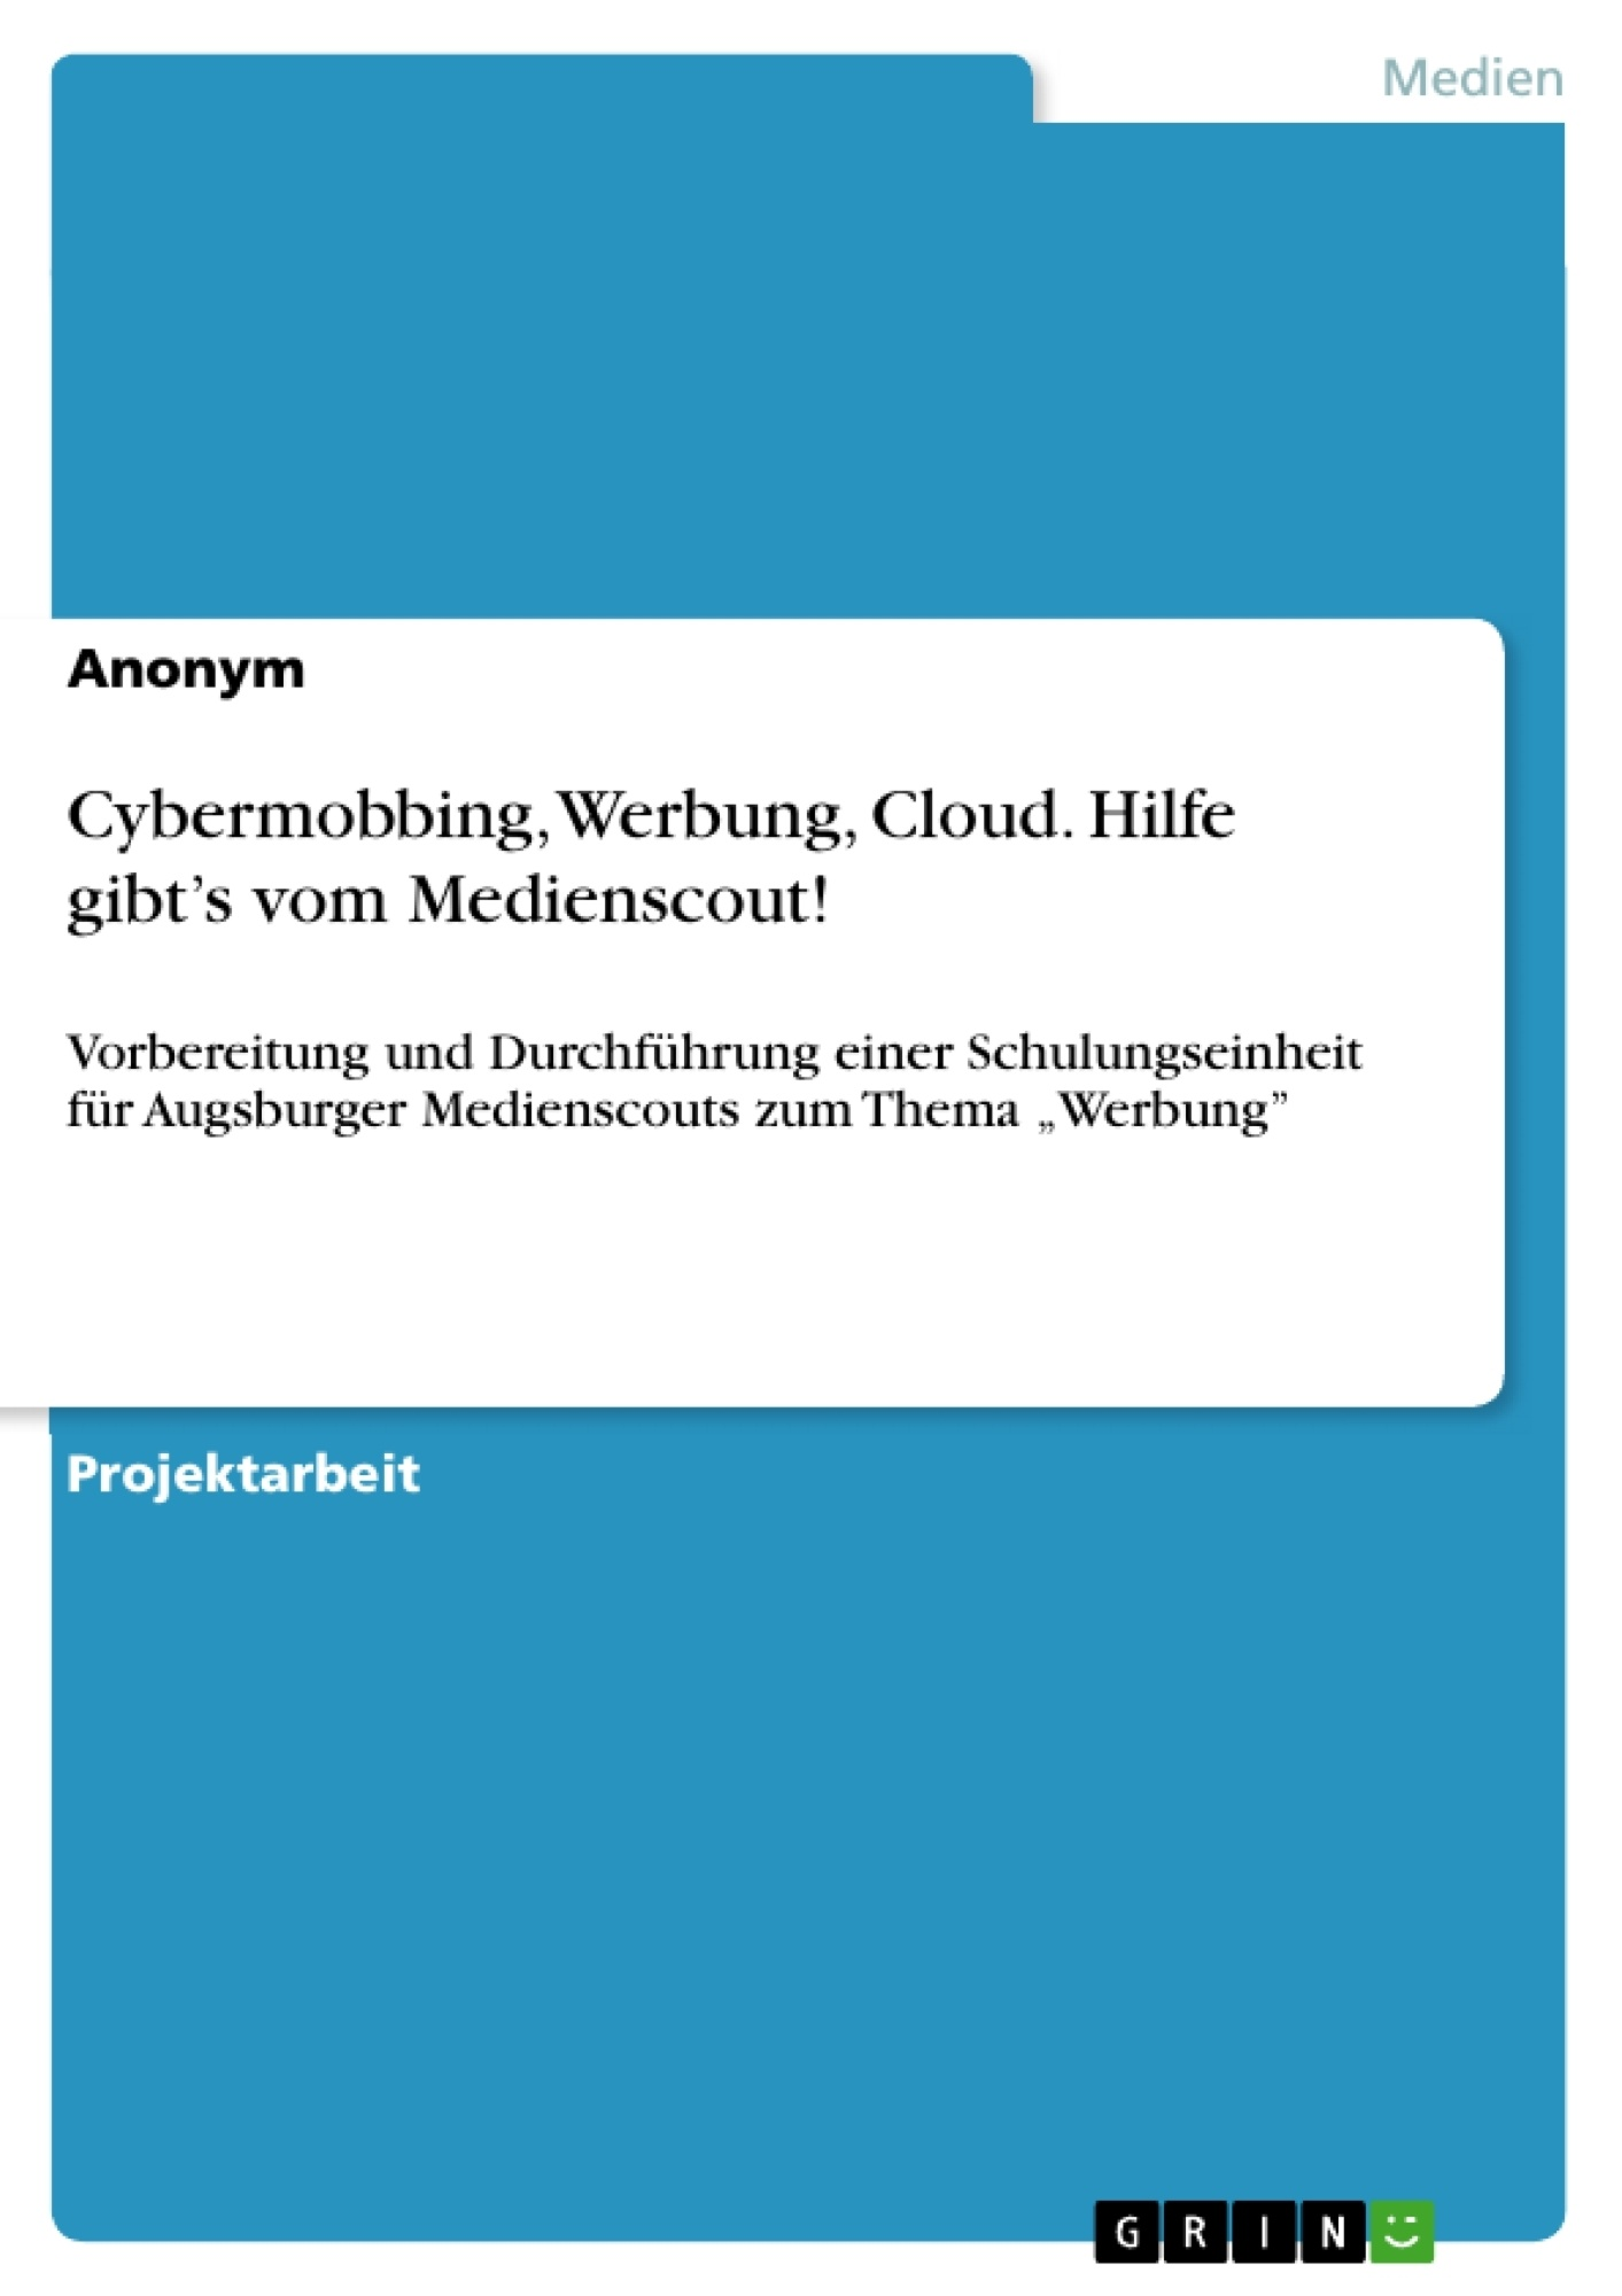 Titel: Cybermobbing, Werbung, Cloud. Hilfe gibt's vom Medienscout!